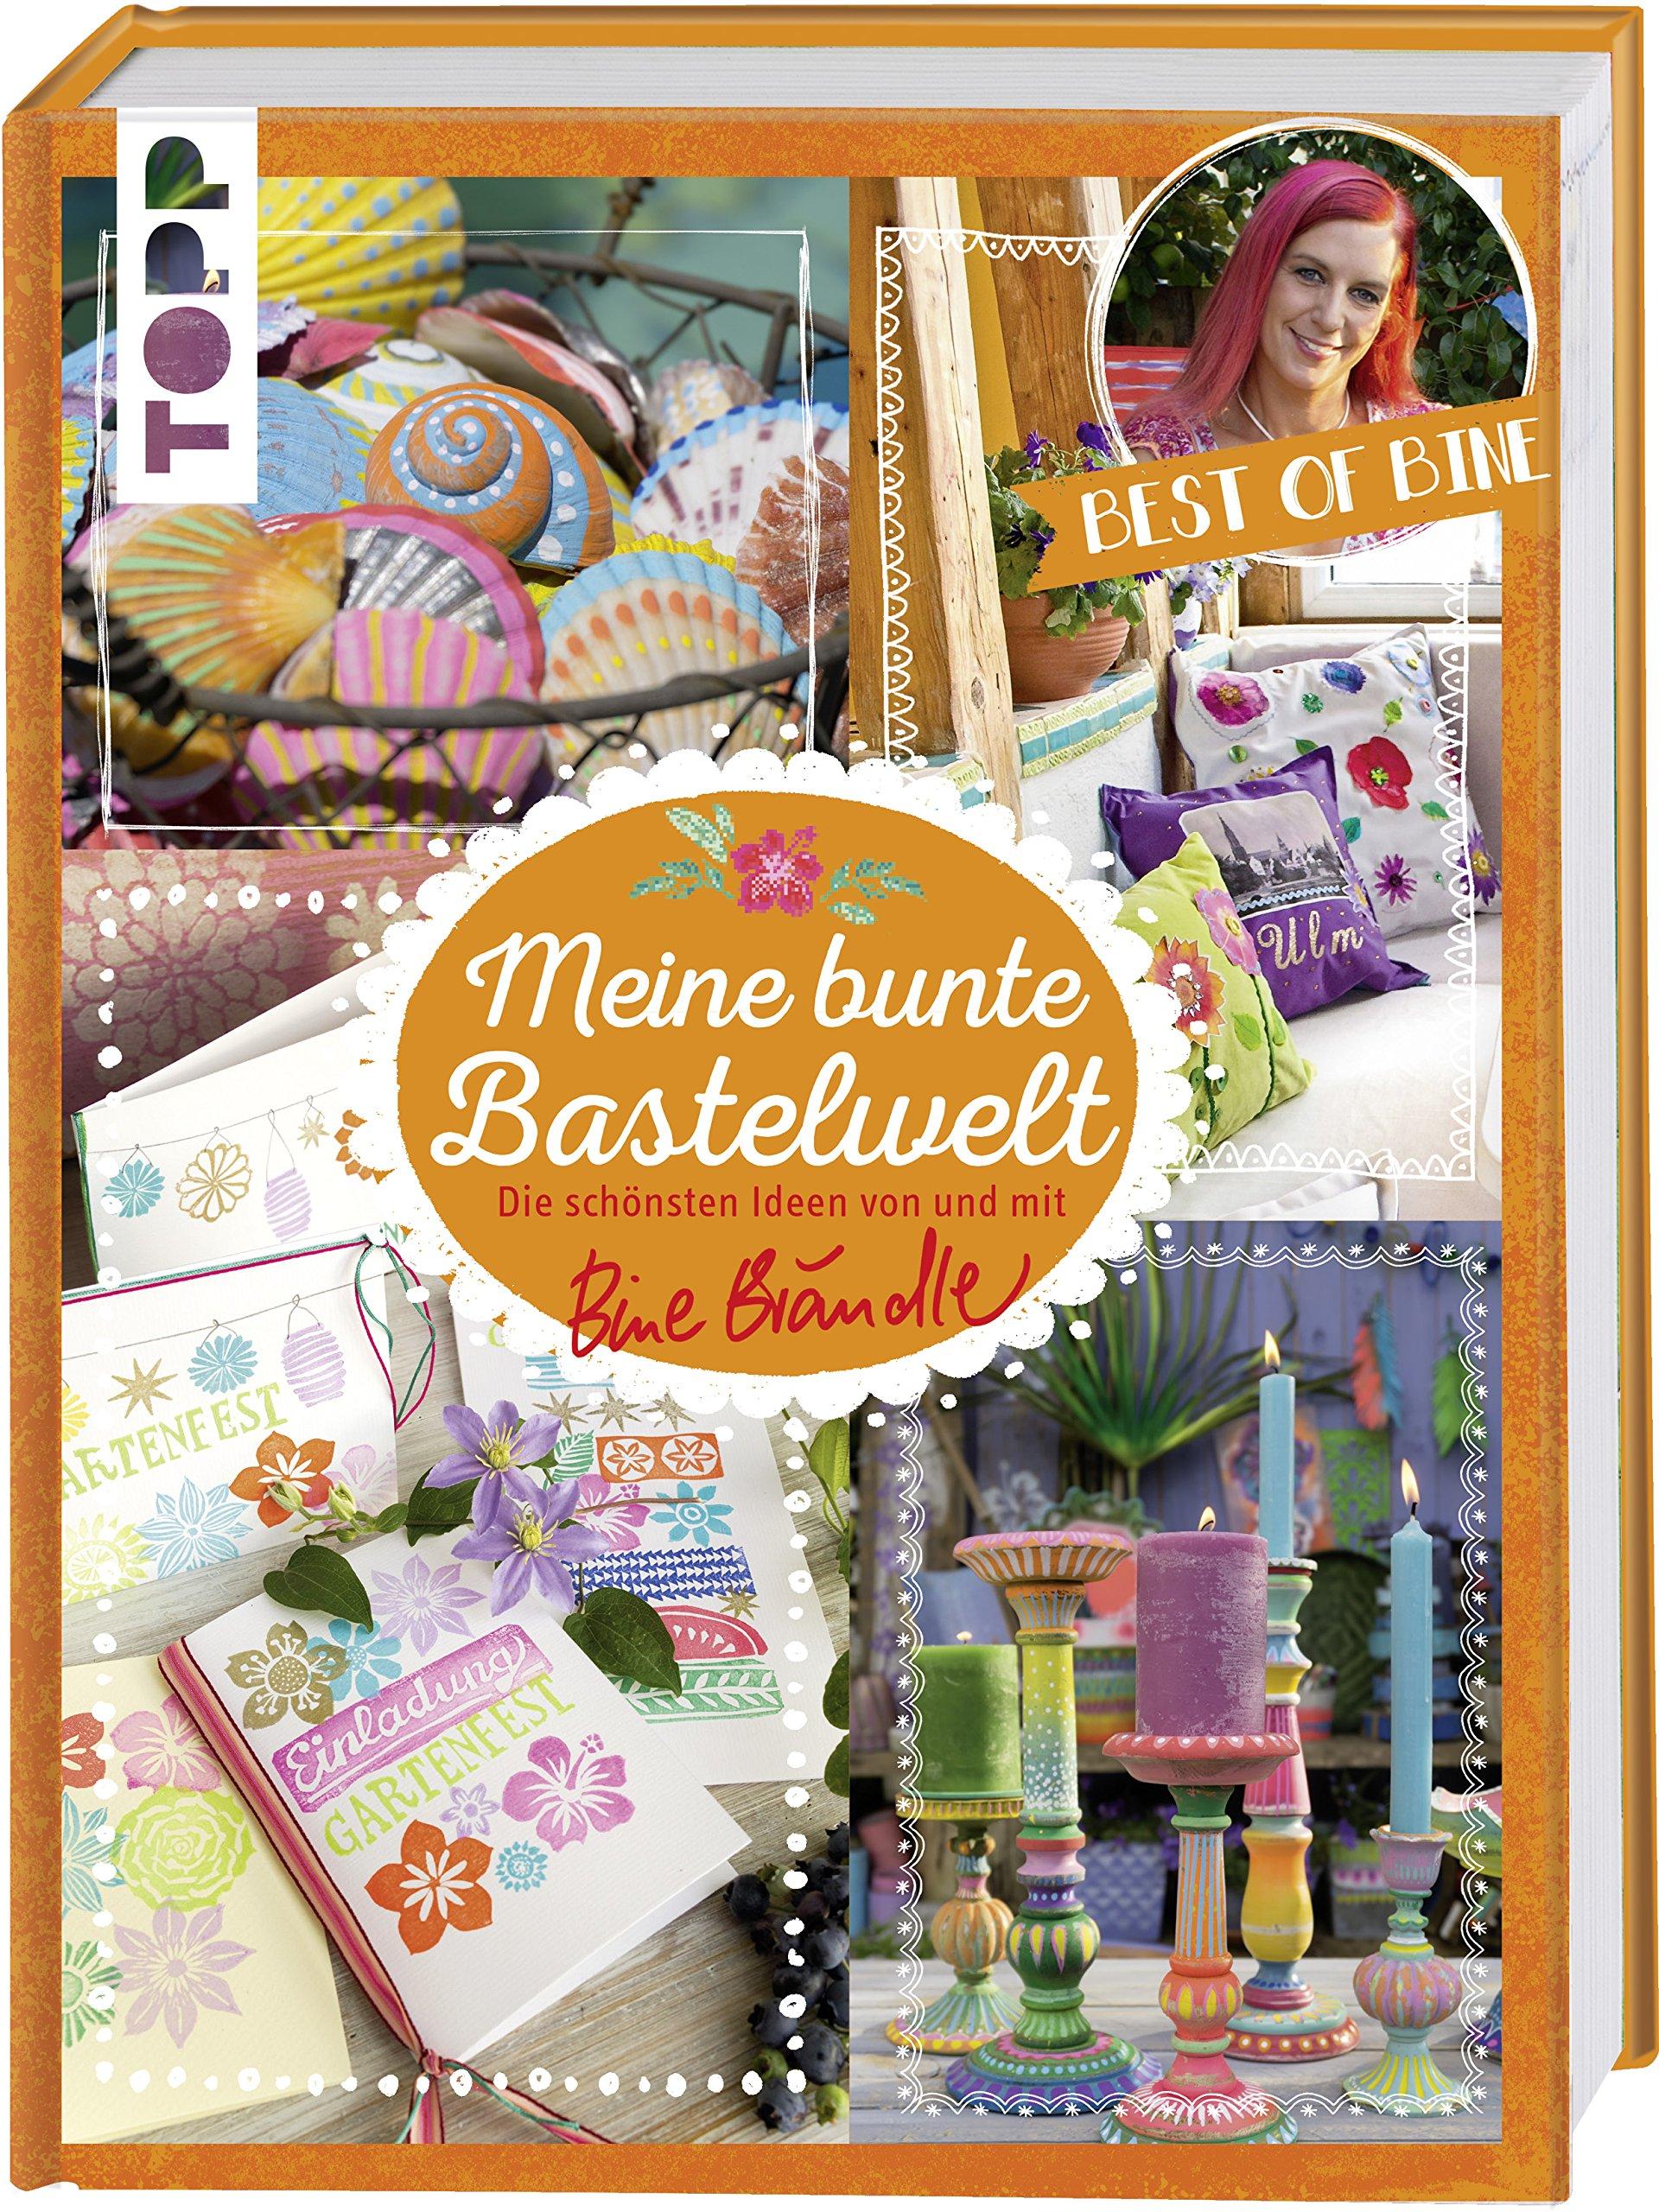 Meine Bunte Bastelwelt. Best Of Bine  Die Schönsten Ideen Von Und Mit Bine Brändle